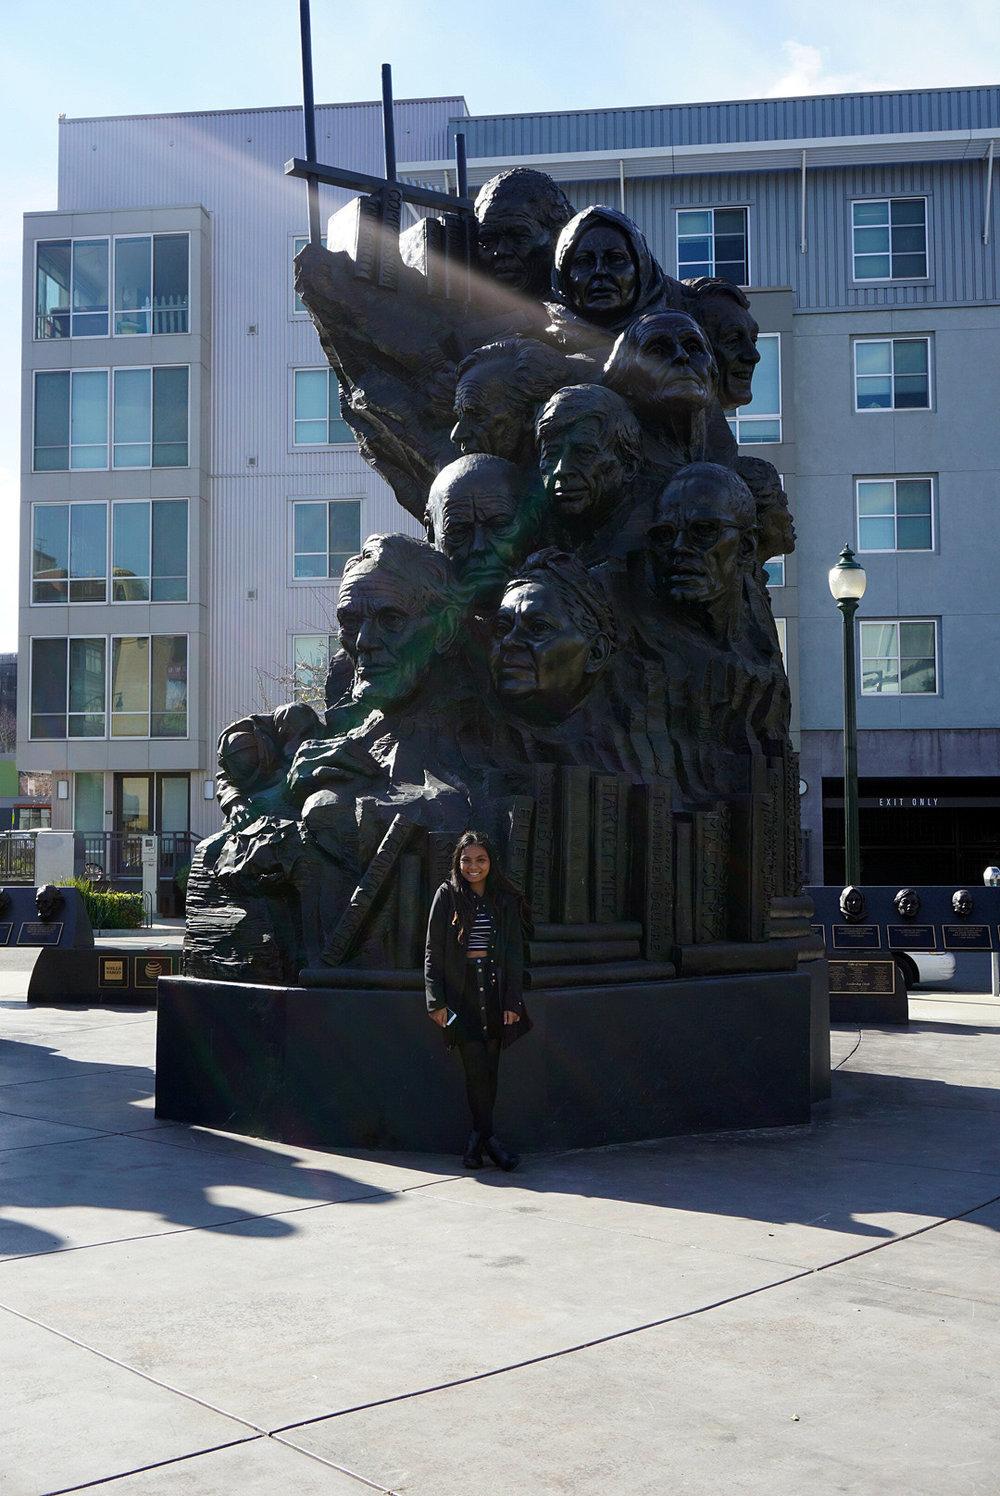 Oakland-California-Statues-Landmarks-Travel-Traveller-LINDATENCHITRAN-Blogger-5-1616x1080.jpg